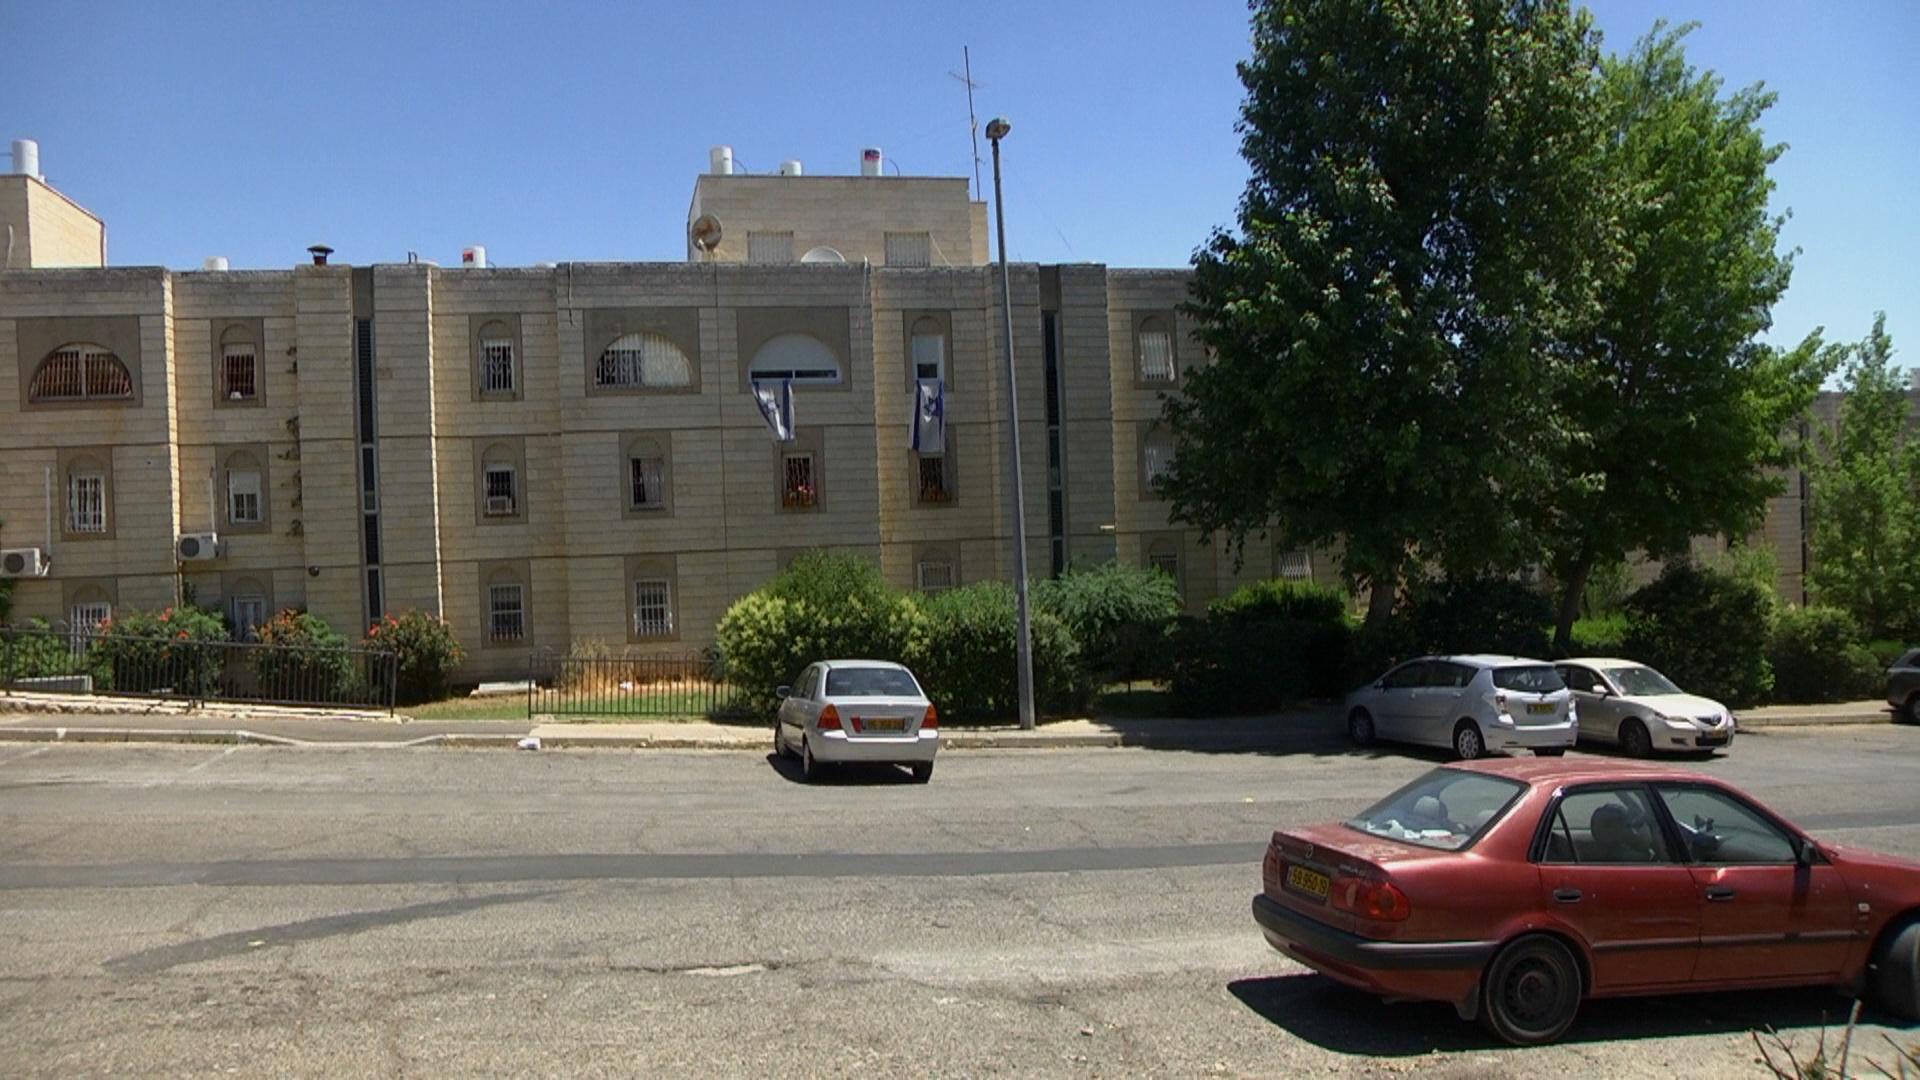 ירושלים. דירת 4 חדרים בכשני מיליון שקל (צילום: אלי מנדלבאום) (צילום: אלי מנדלבאום)